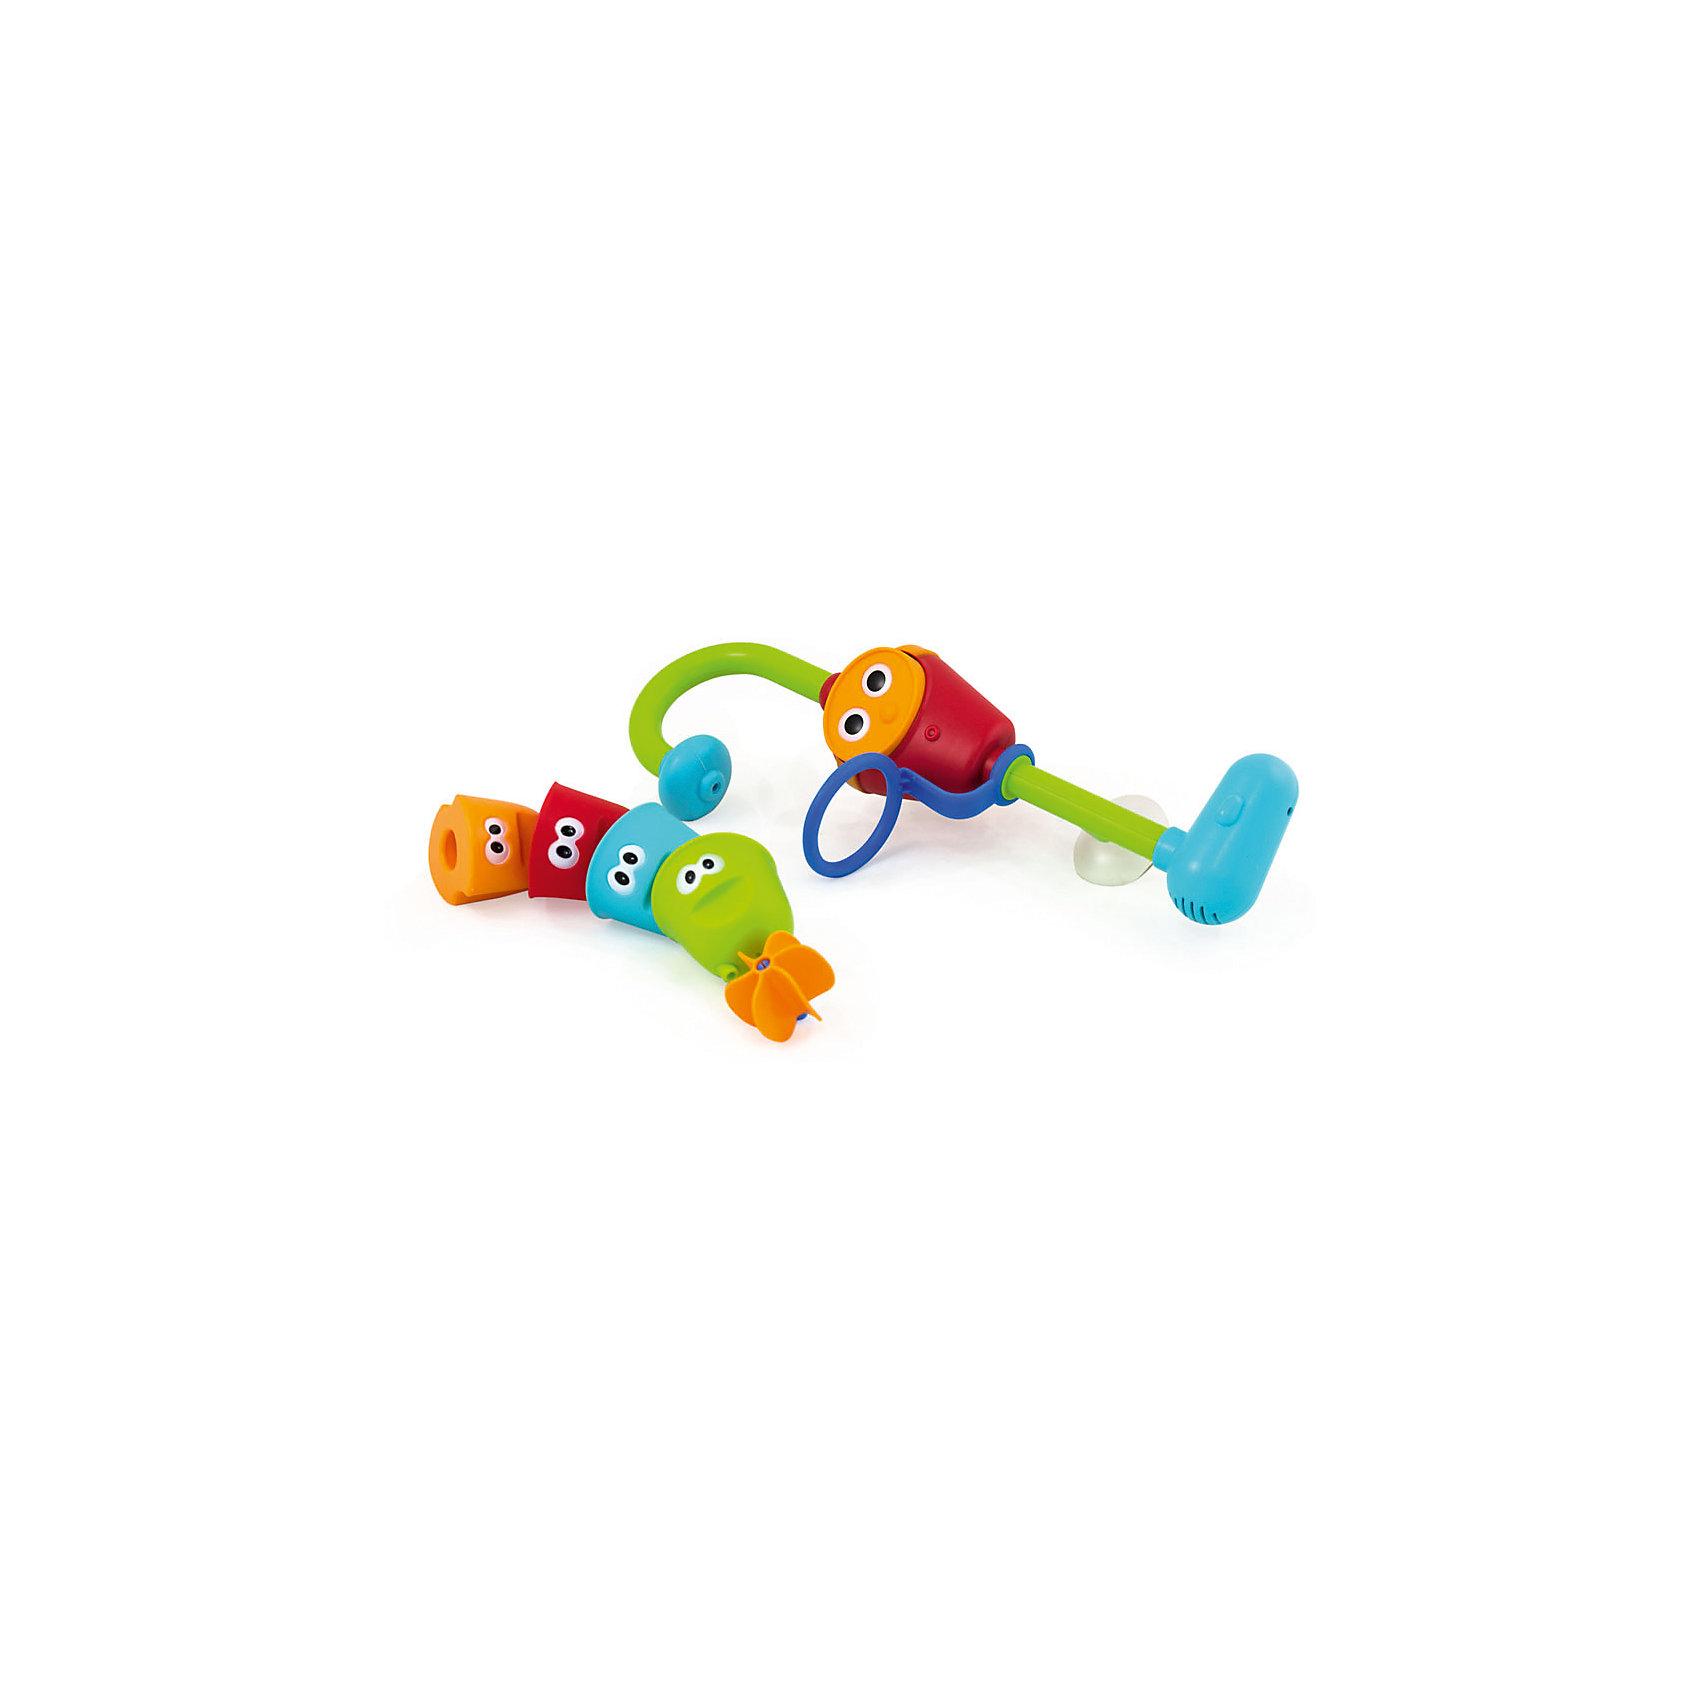 Игрушка для ванны Волшебный кран, PicnMixИгрушка для ванны Волшебный кран, PicnMix<br><br>Характеристики:<br><br>- в набор входит: насос, 4 формочки<br>- элементы питания: батарейки АА, 3 шт. (в комплекте отсутствуют)<br>- состав: пластик<br><br>Эта увлекательная игрушка от известного бренда детских игрушек PicnMix (ПикнМикс) приведет ребенка в восторг и он захочет купаться с ней снова и снова. Не сложная, но захватывающая, она привлечет внимание своей интересной структурой  и дизайном. Насос помещается в ванную, надежно прикрепляясь к стенке с помощью присоски, а из лейки начитает литься вода. Разноцветные формочки с  симпатичными глазками имеют отверстия на донышках, из которых водичка выливается по-разному. Последняя формочка имеет донышко в виде водяной мельницы и когда в нее попадает вода, то колесо начинает двигаться. Игрушка изготовлена из высококачественного пластика и безопасна для детей. Игрушка поможет развить внимательность, логическое мышление, моторику, выучить цвета и прекрасно провести время во время купания.<br><br>Игрушку для ванны Волшебный кран, PicnMix (ПикнМикс) можно купить в нашем интернет-магазине.<br><br>Ширина мм: 190<br>Глубина мм: 90<br>Высота мм: 390<br>Вес г: 550<br>Возраст от месяцев: 9<br>Возраст до месяцев: 60<br>Пол: Унисекс<br>Возраст: Детский<br>SKU: 5078478